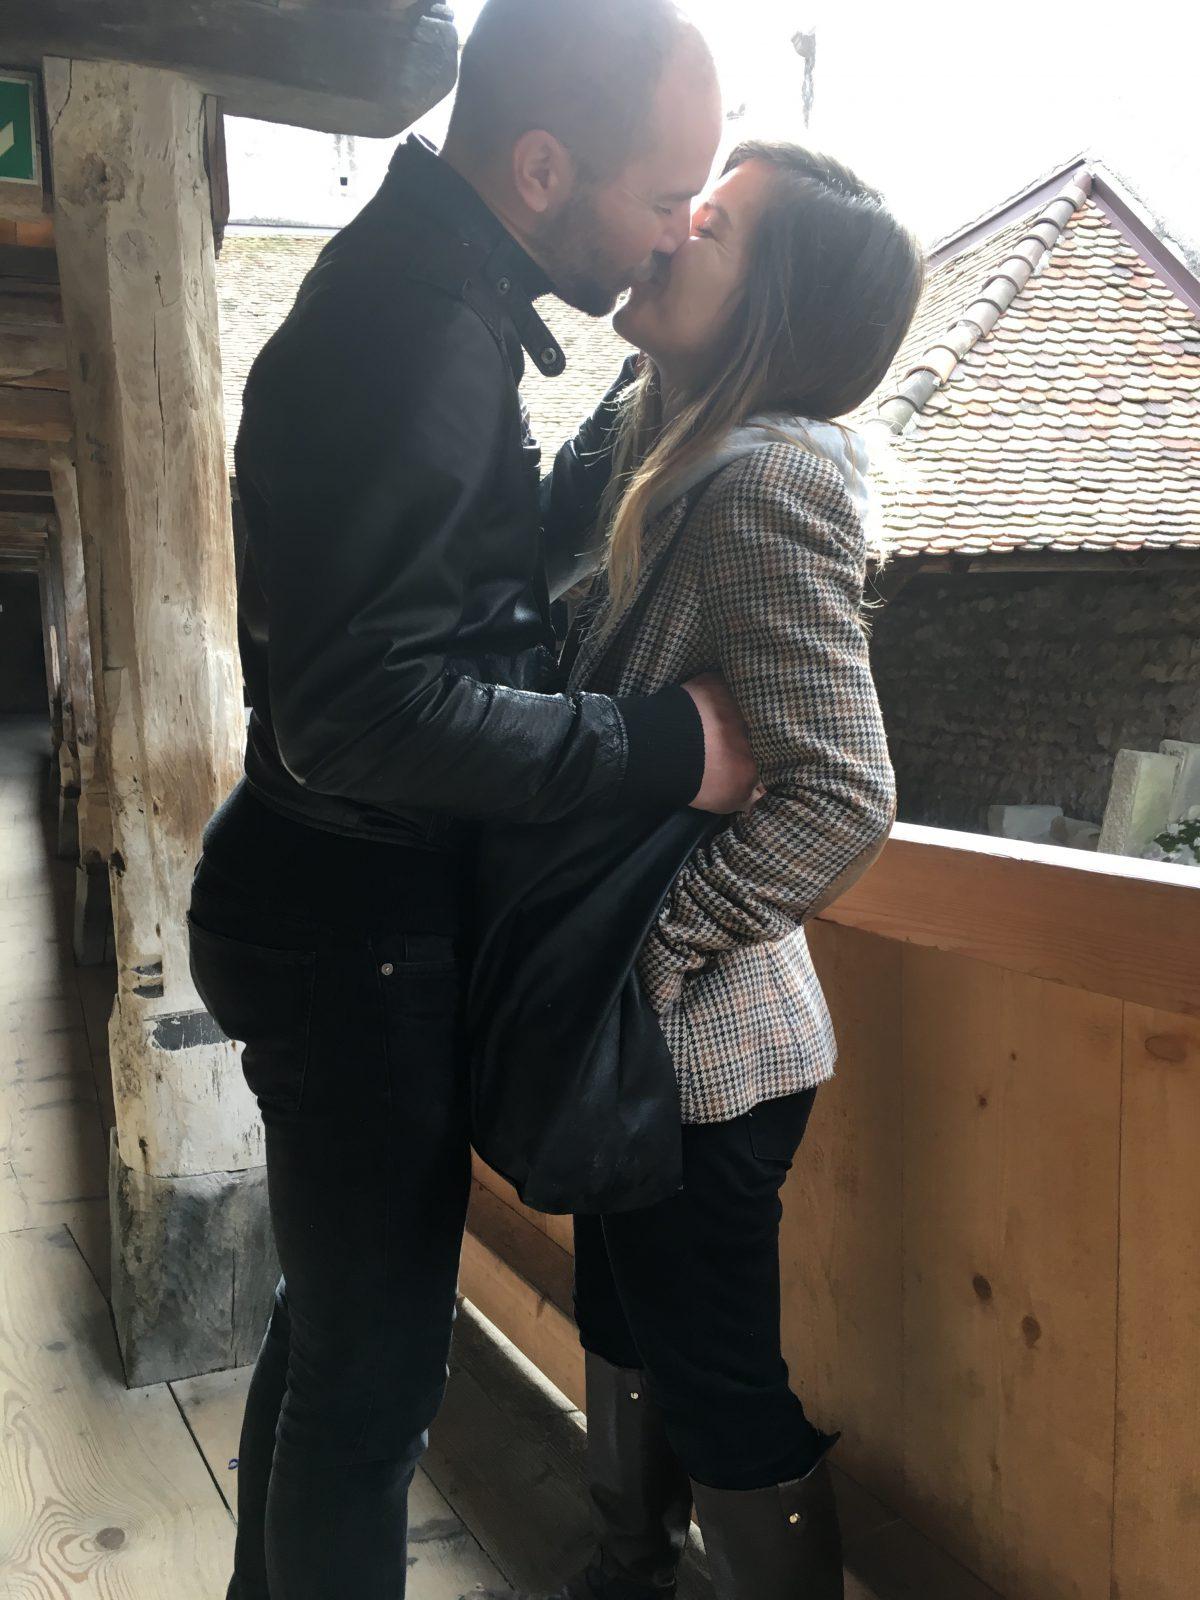 début de nous blog compte instagram amour couple histoire thereseandthekids debutdenous